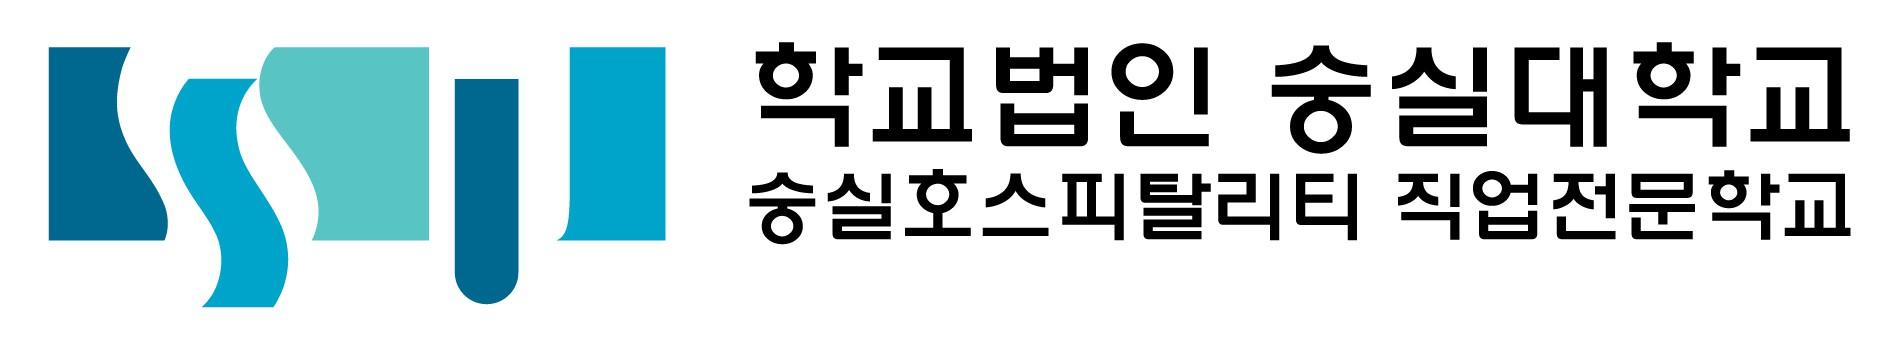 숭실호스피탈리티직업전문학교 로고 - 복사본.jpg